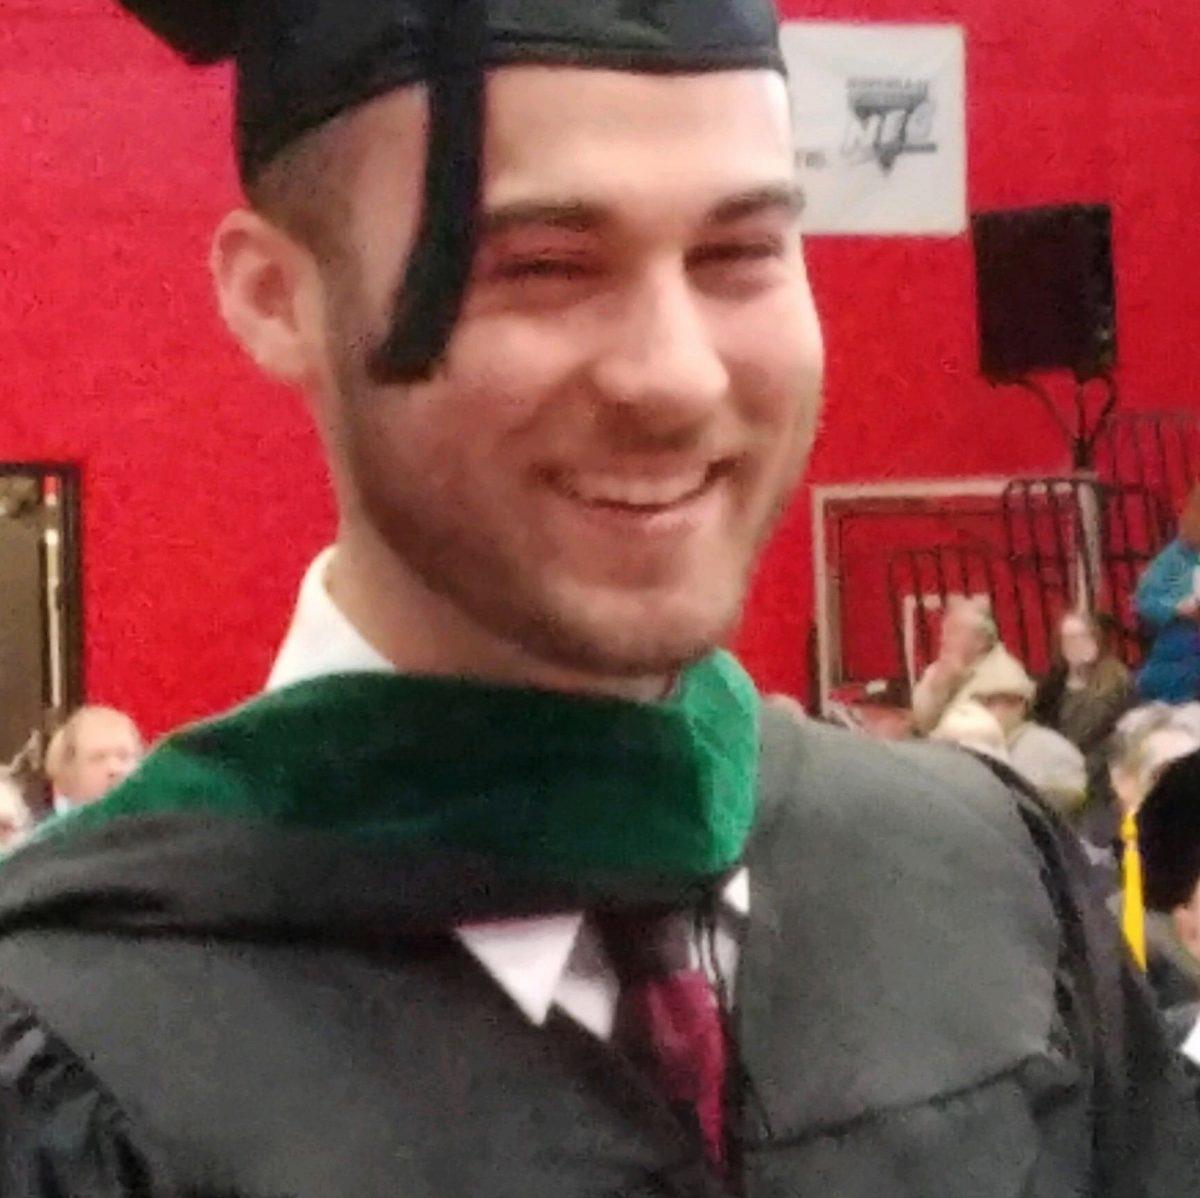 Nicholas Cumer Ohio shooting victim